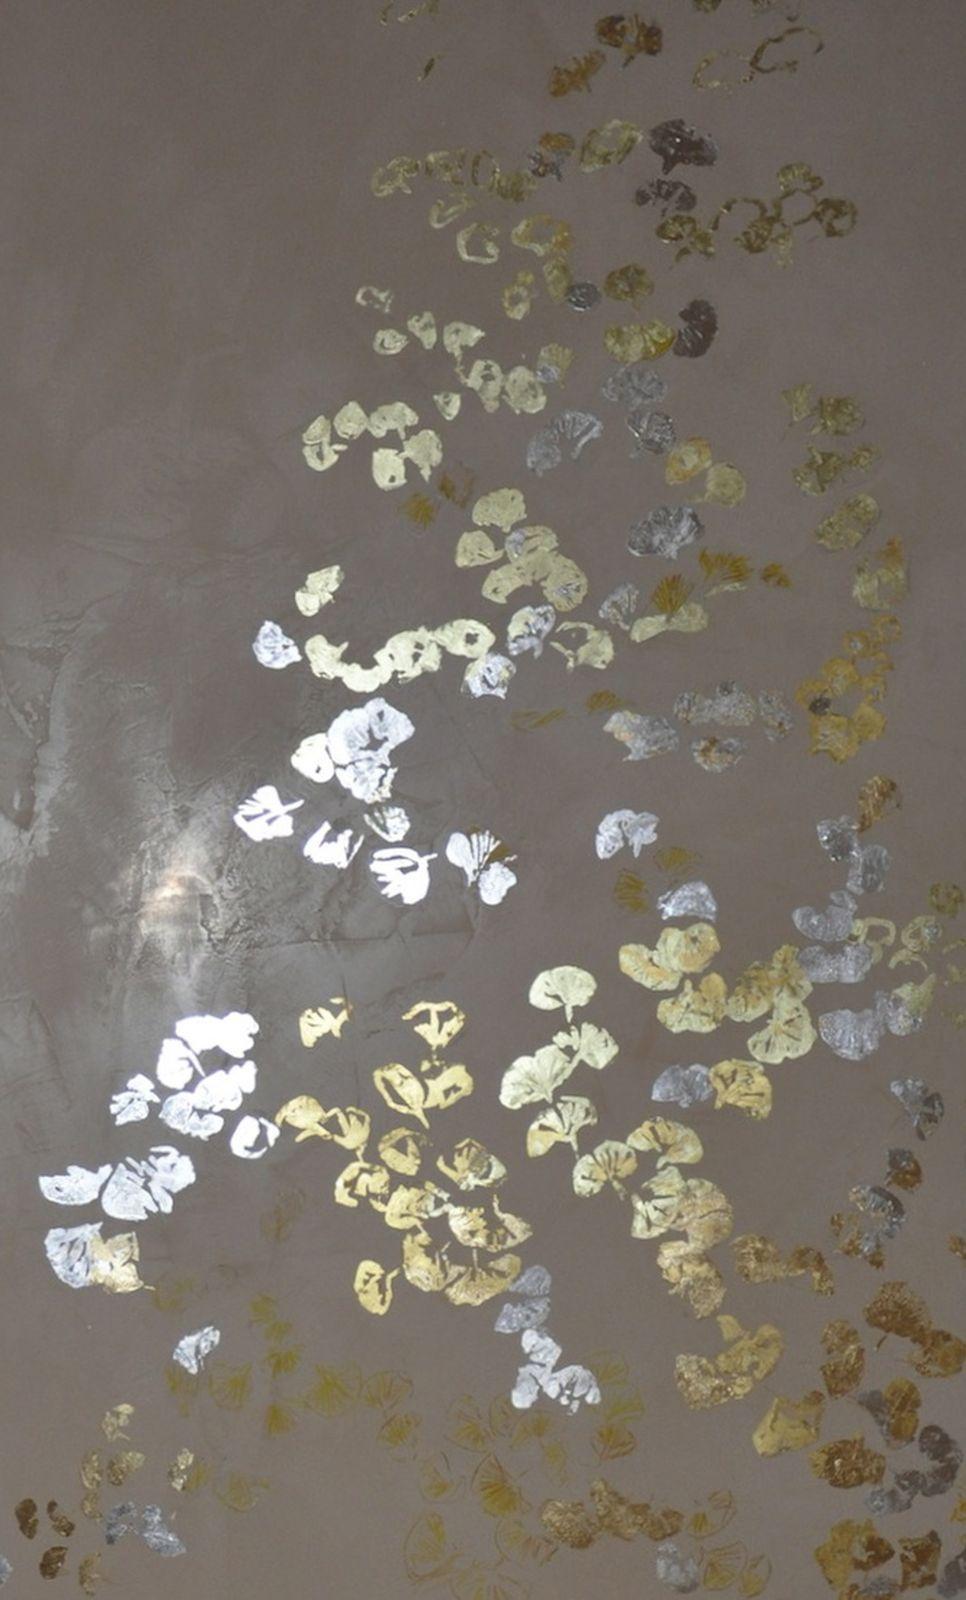 Ginkgo - Gold - Silber - Blattmuster